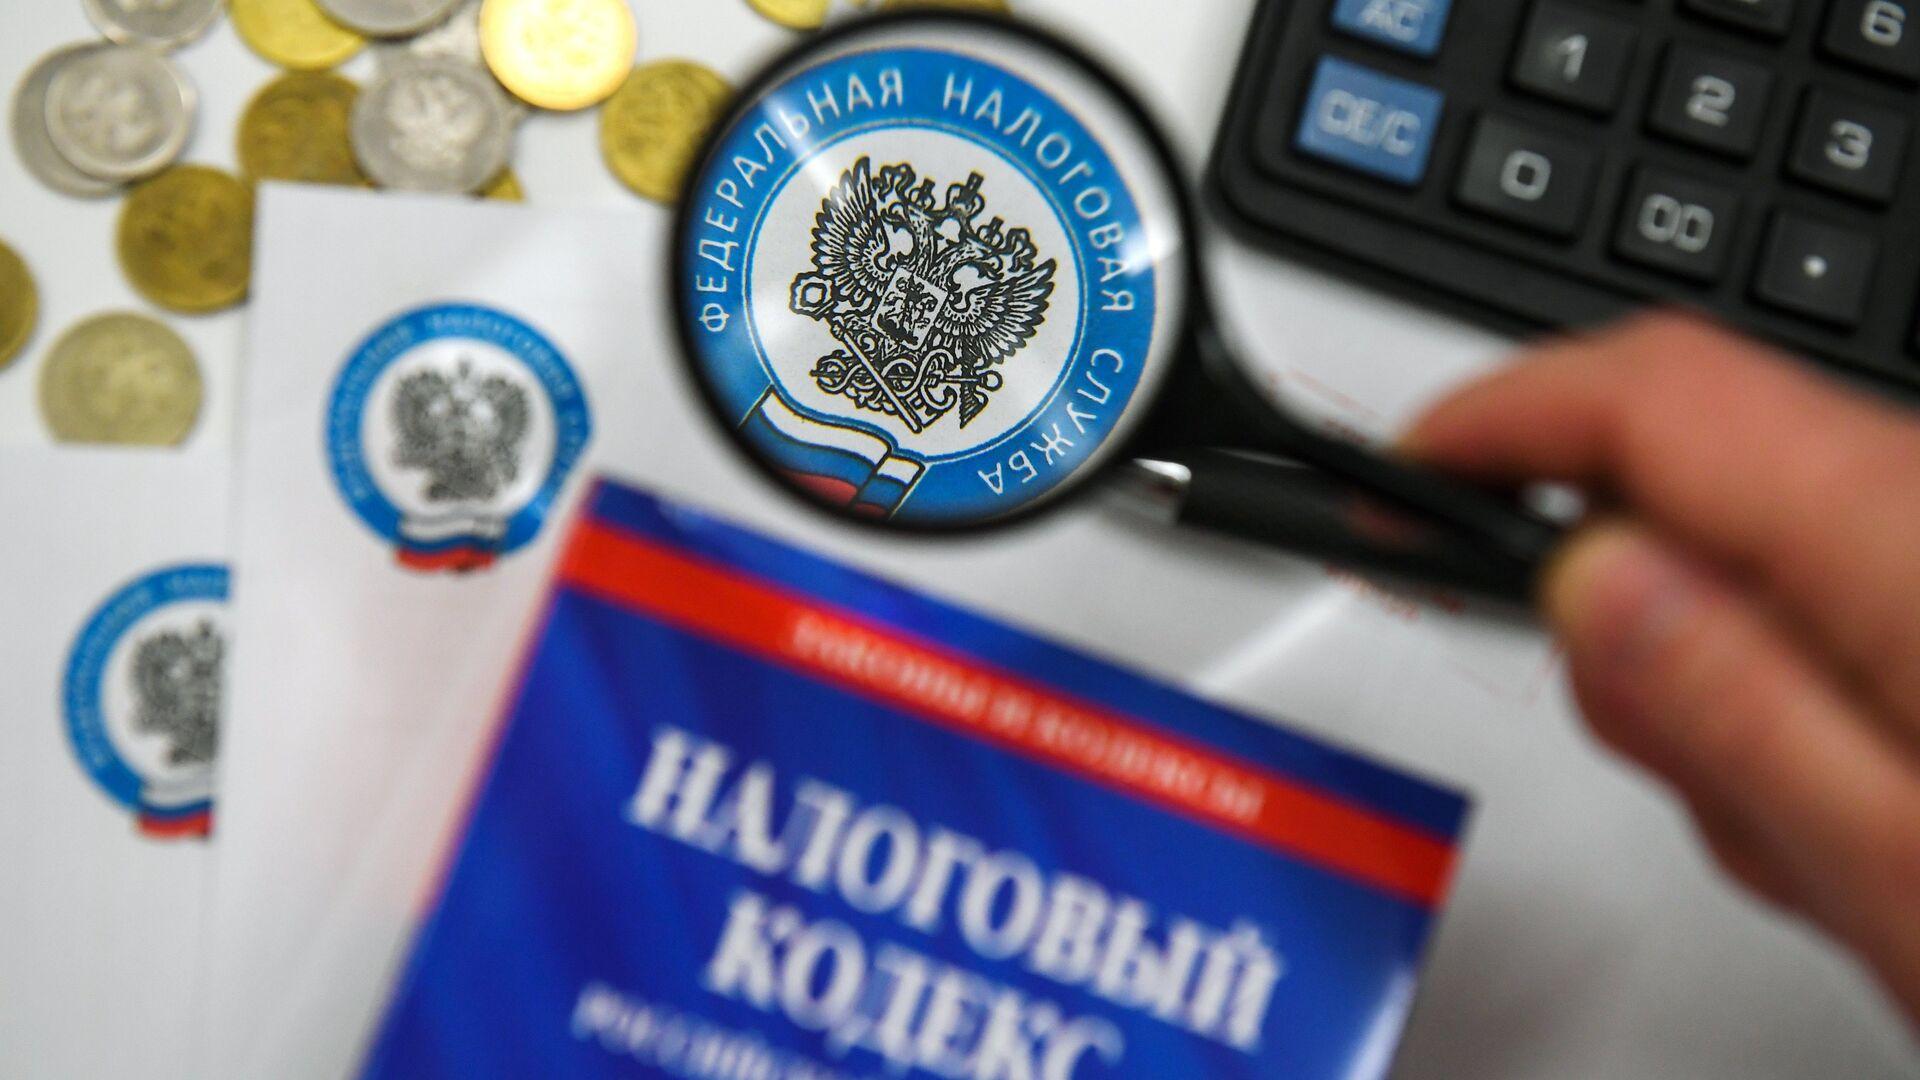 Налоговый кодекс РФ - РИА Новости, 1920, 02.09.2020